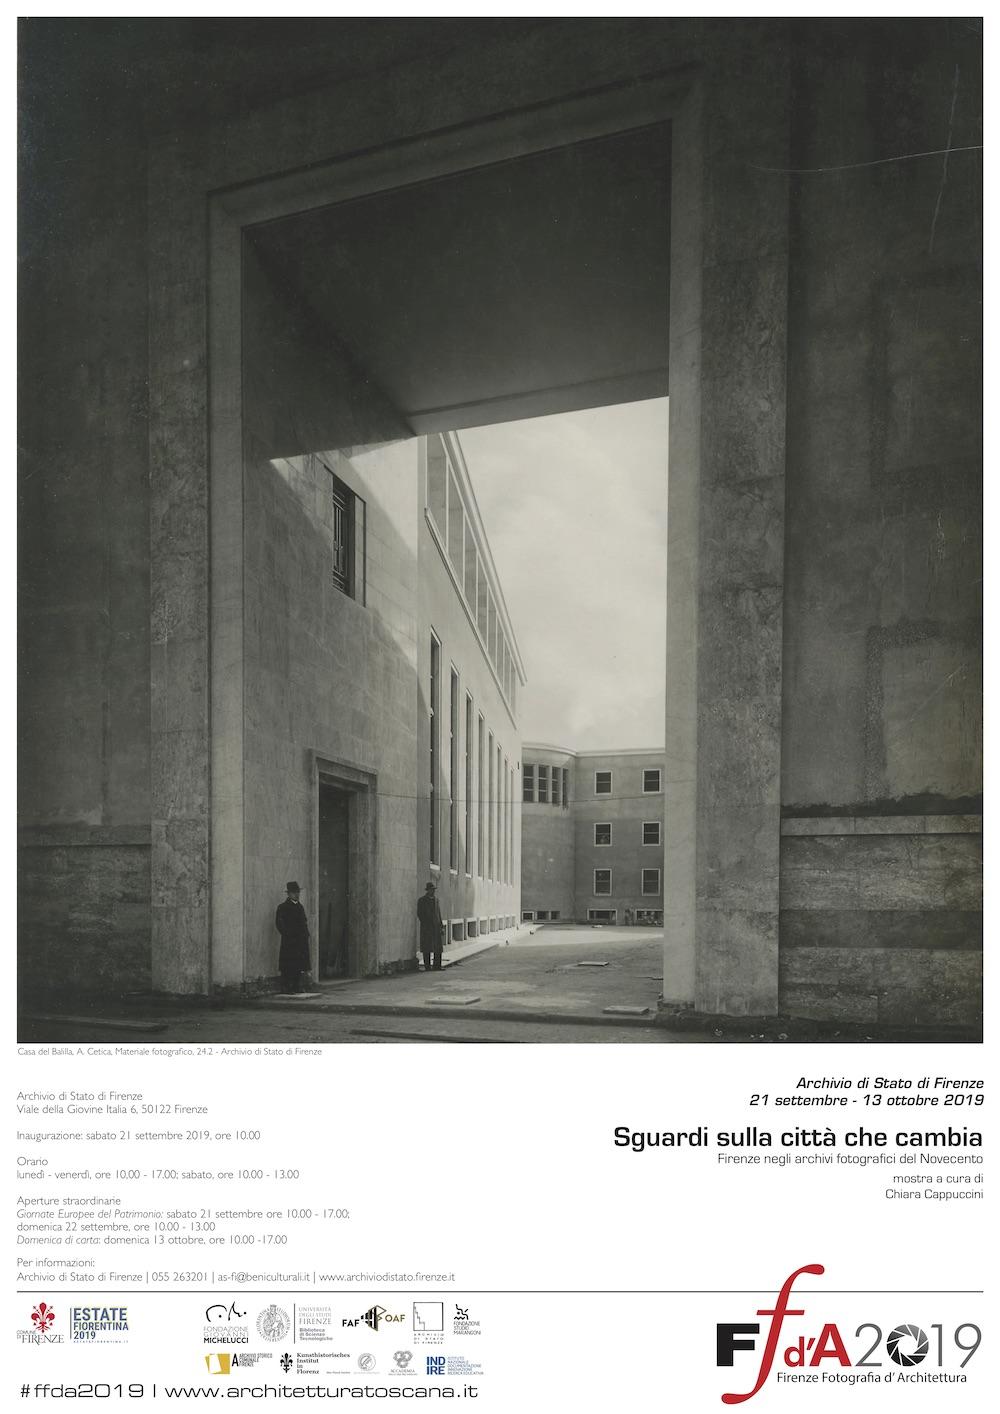 FFdA2019 - Sguardi sulla città che cambia. Firenze negli archivi fotografici del Novecento.